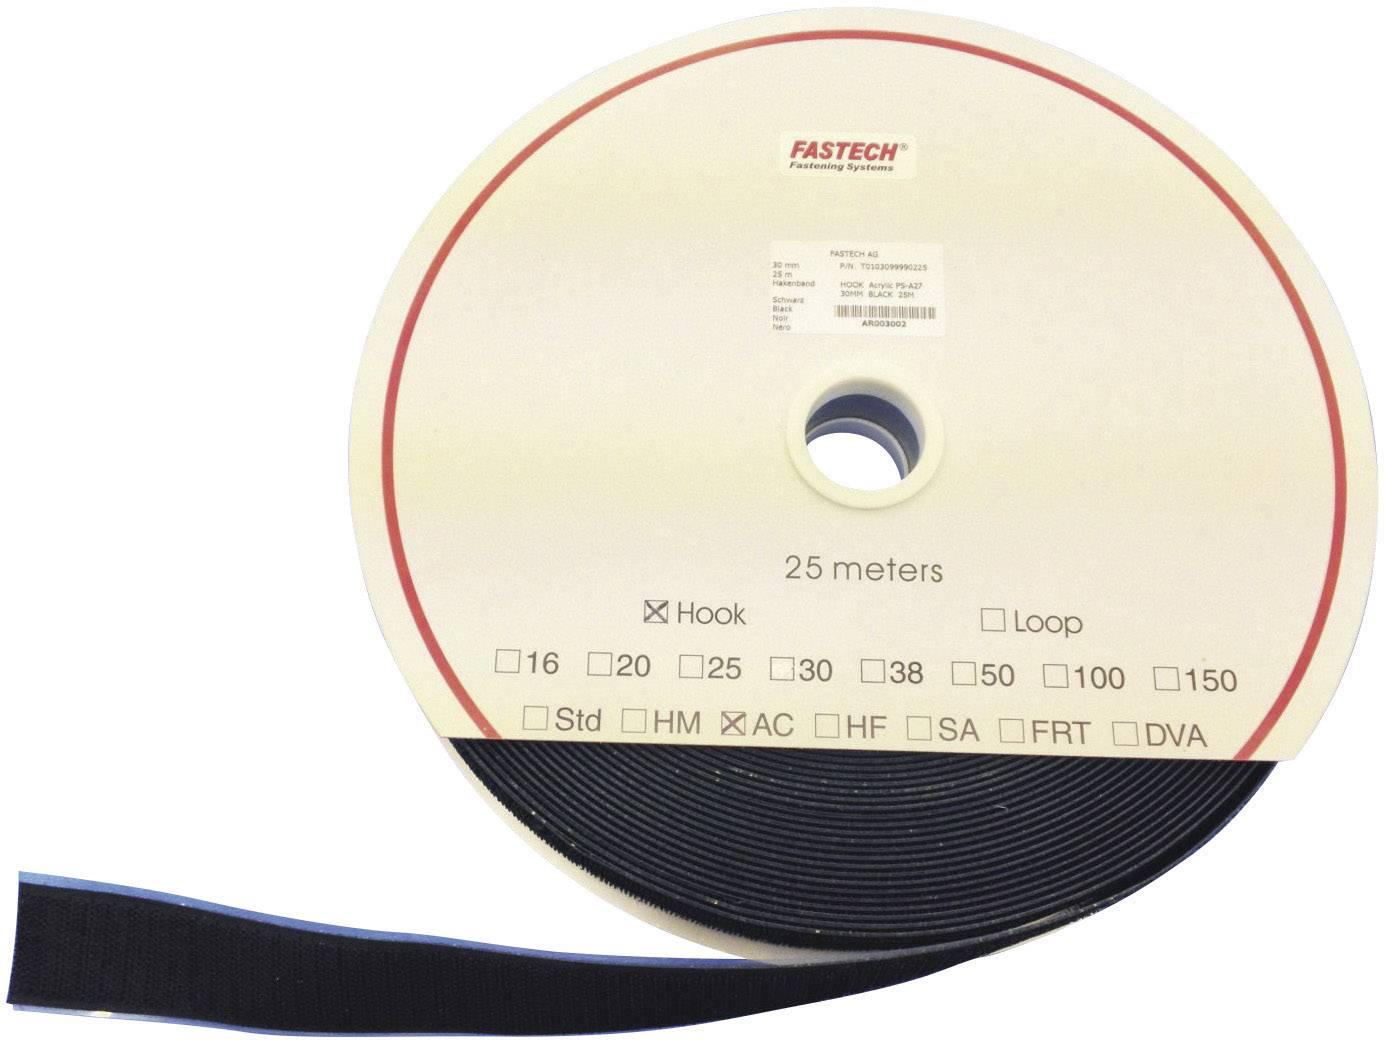 Samolepicí páska na suchý zip (háčky) Fastech T0102599990225, 25 m x 25 mm, černá, 25 m